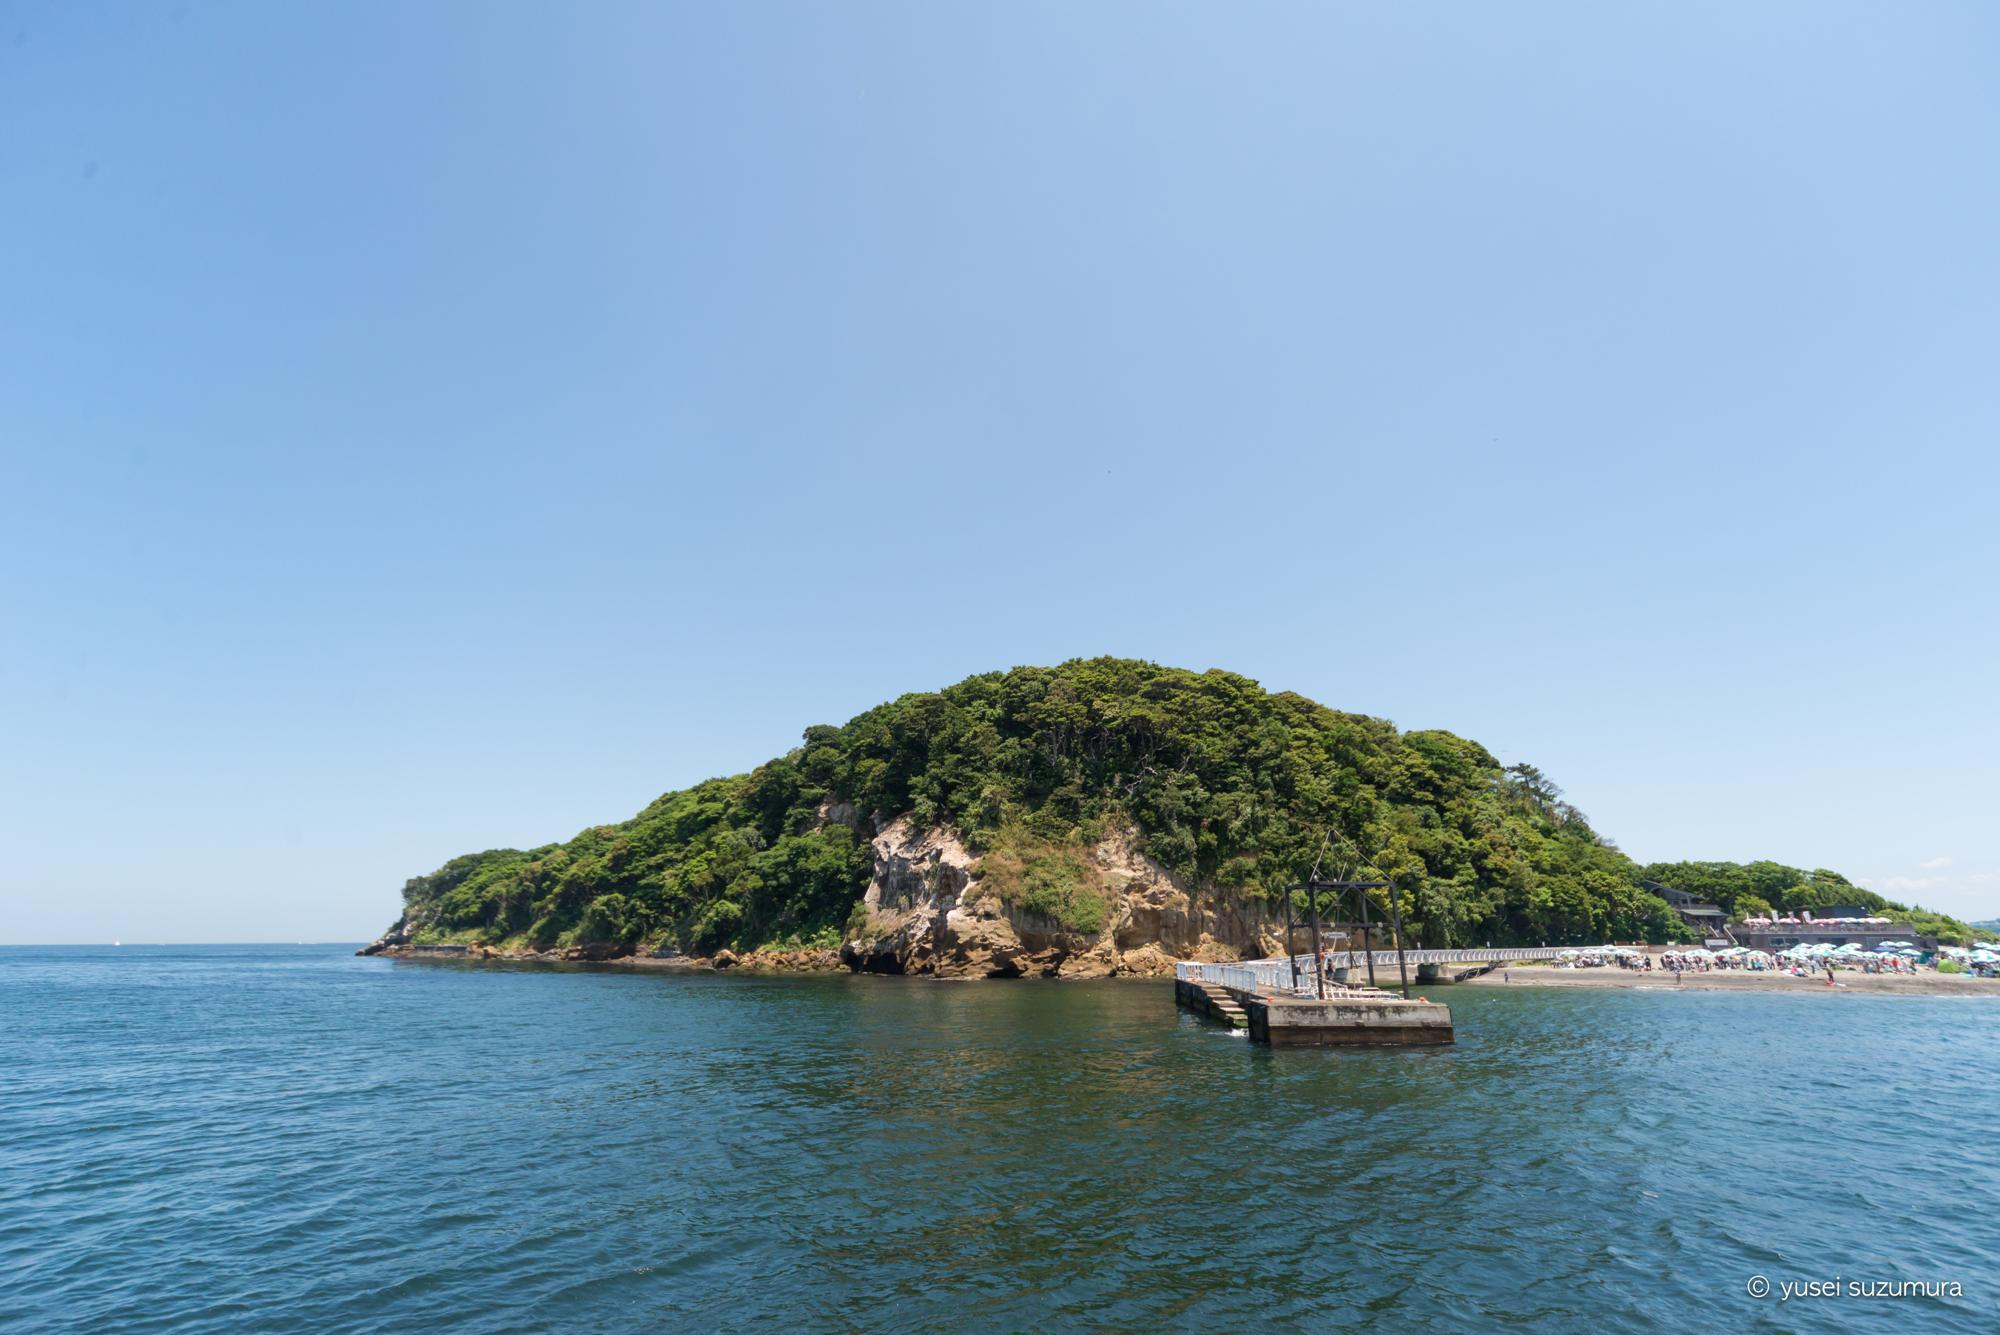 日帰りで無人島体験!?横須賀の猿島に行ってきた!